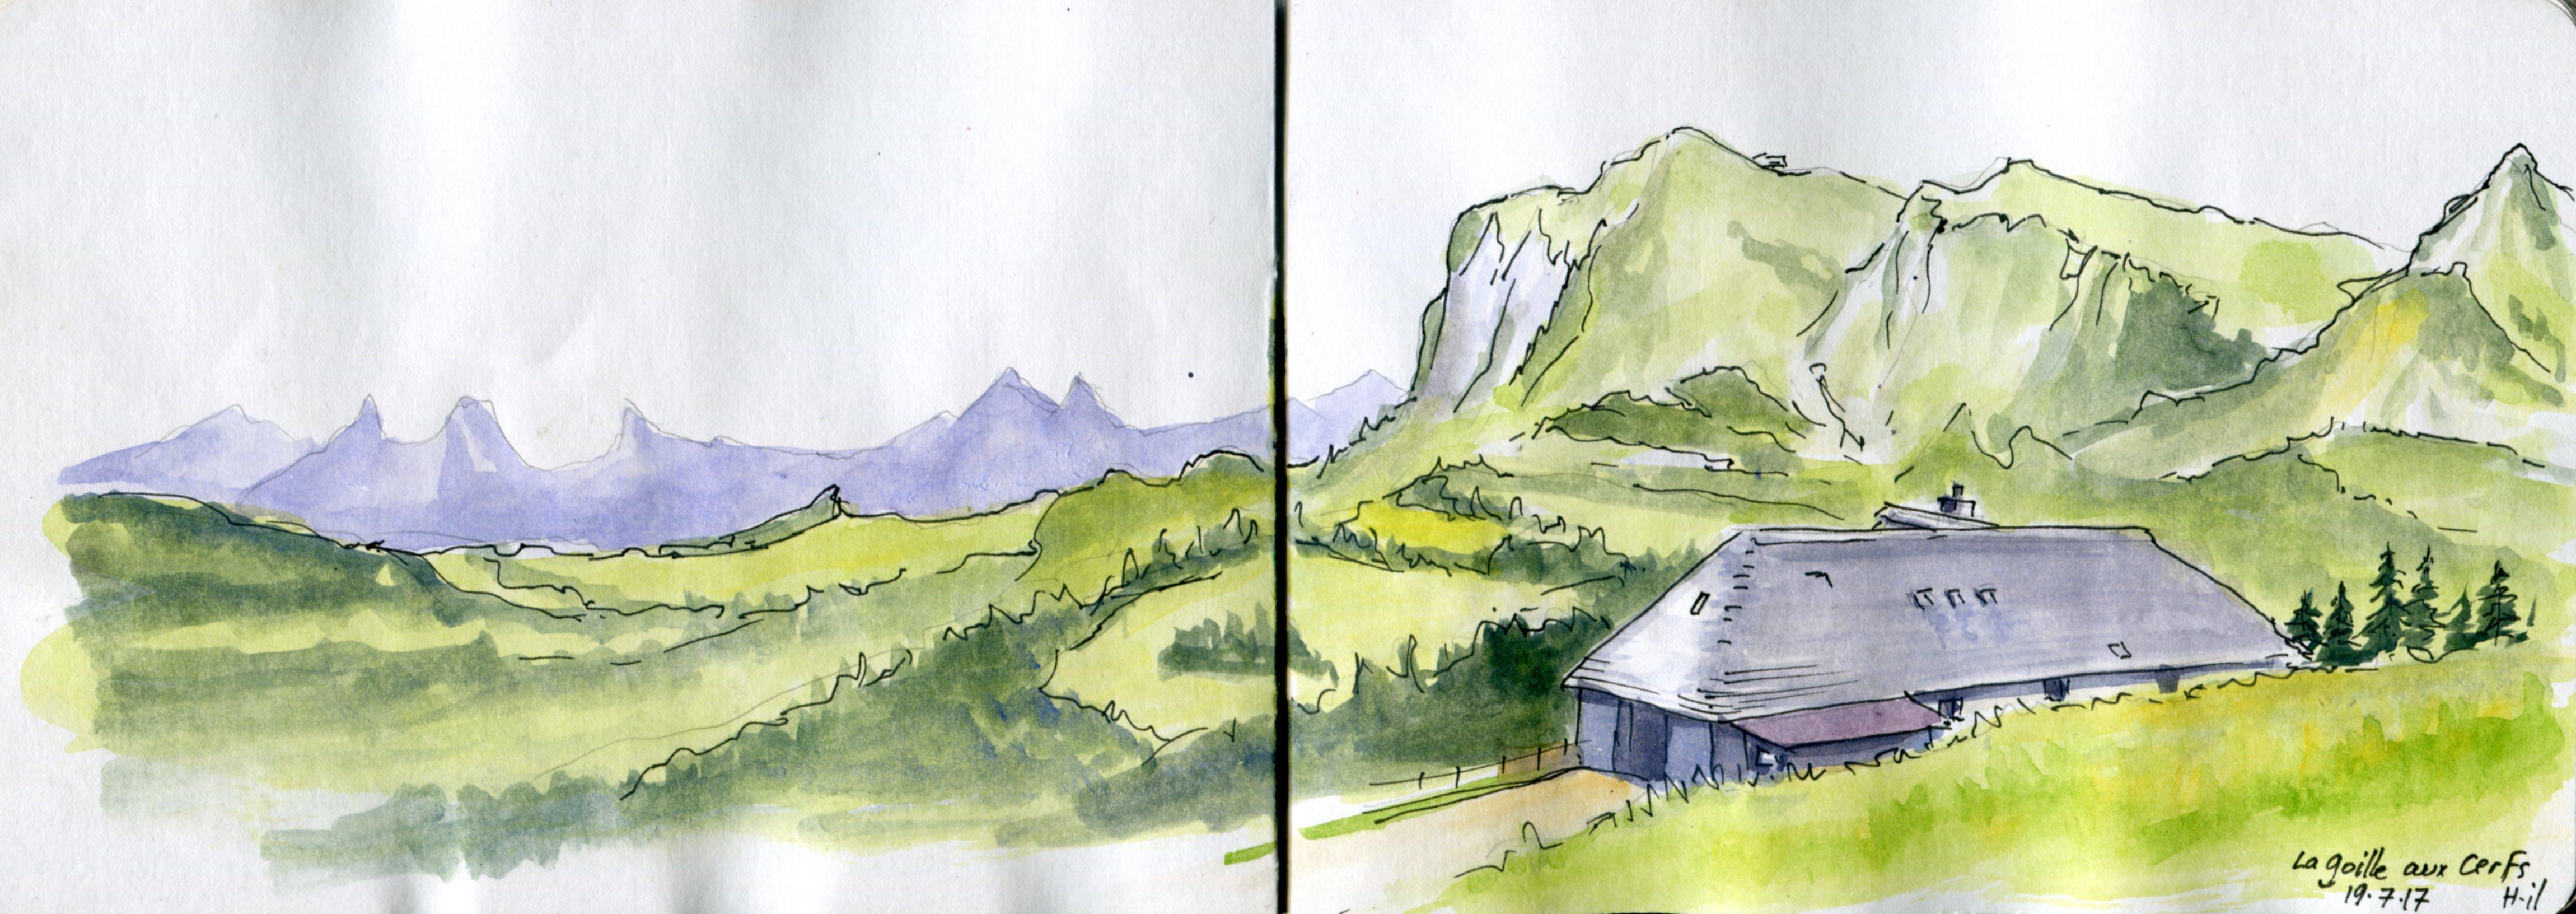 panorama Goille au Cerf